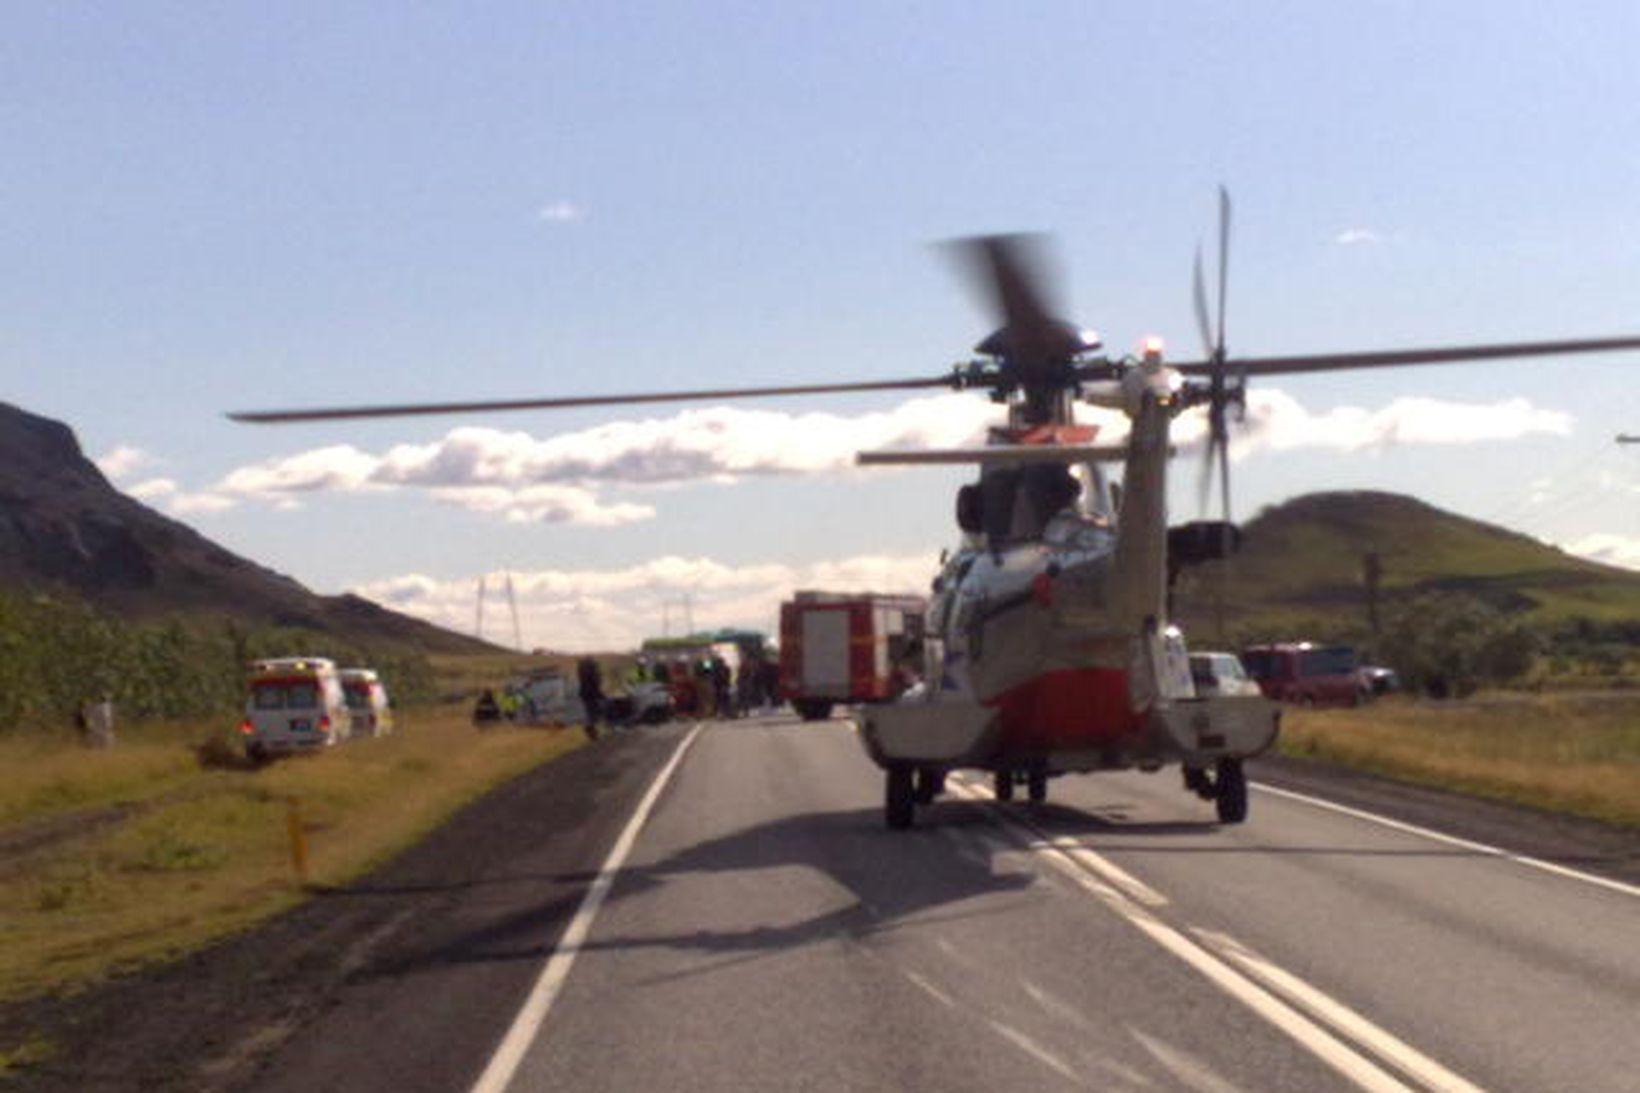 Þyrla Landhelgisgæslunnar lenti á Suðurlandsvegi.